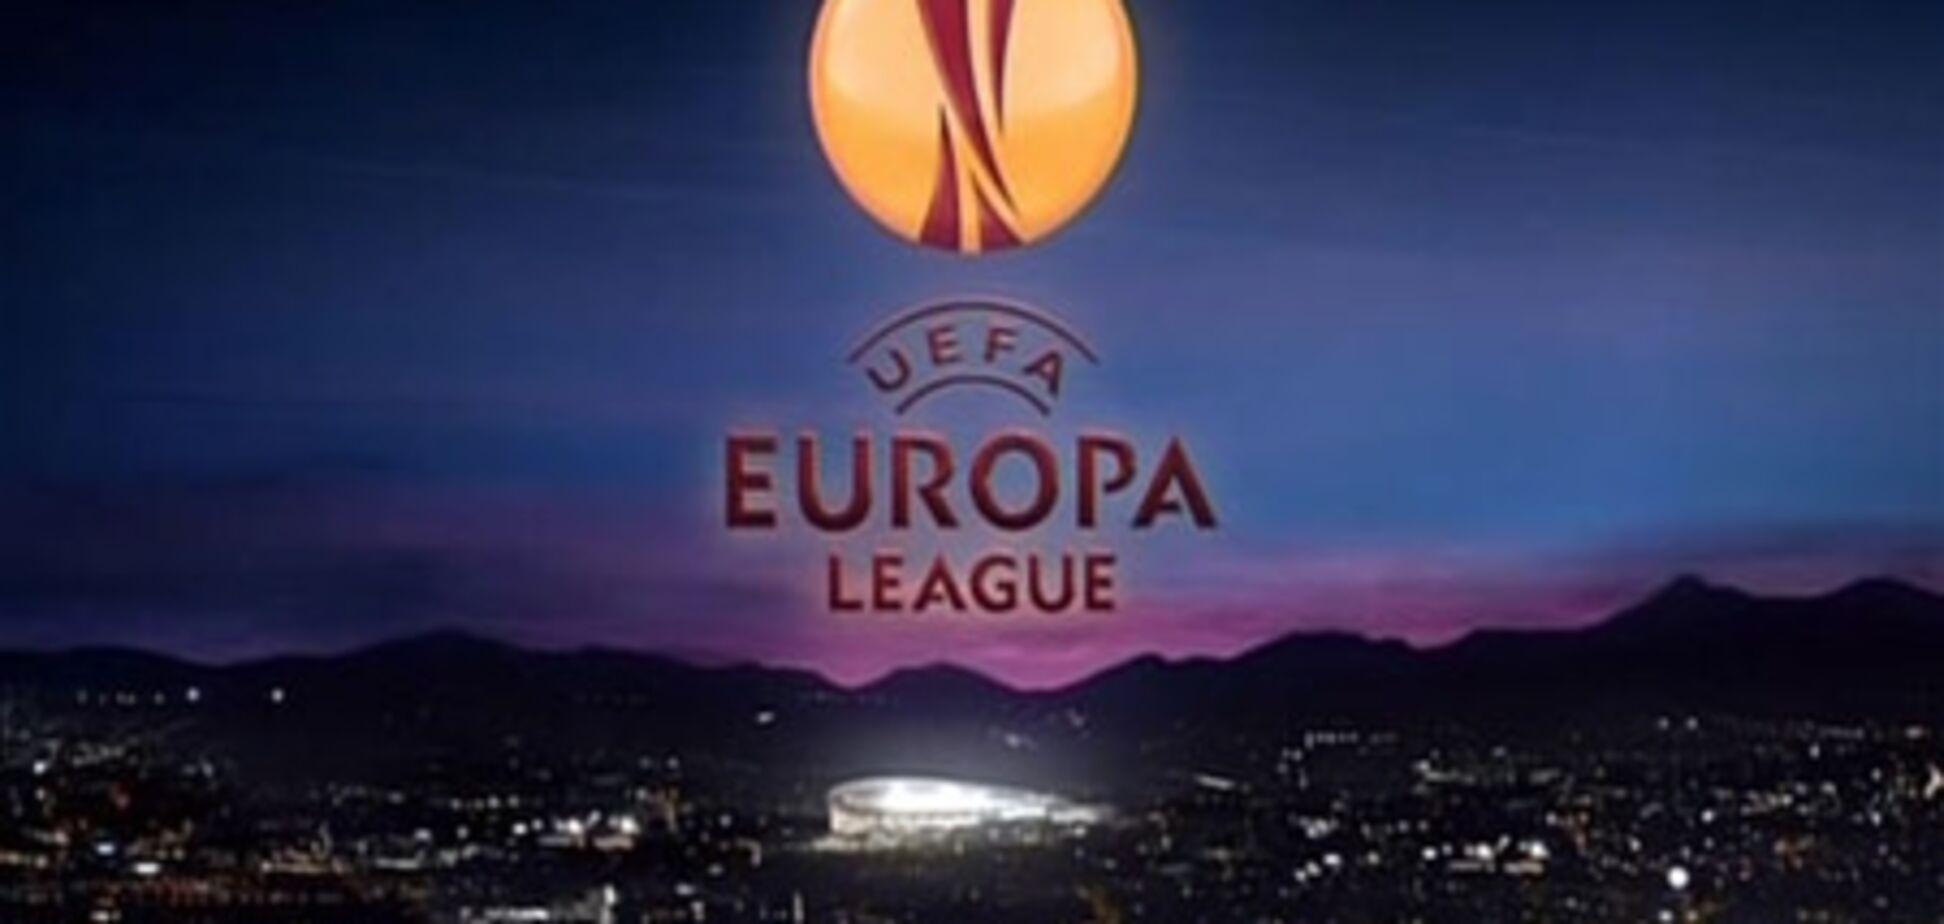 Где сегодня смотреть матч Лиги Европы 'Ворскла' - 'Слайго Роверс'